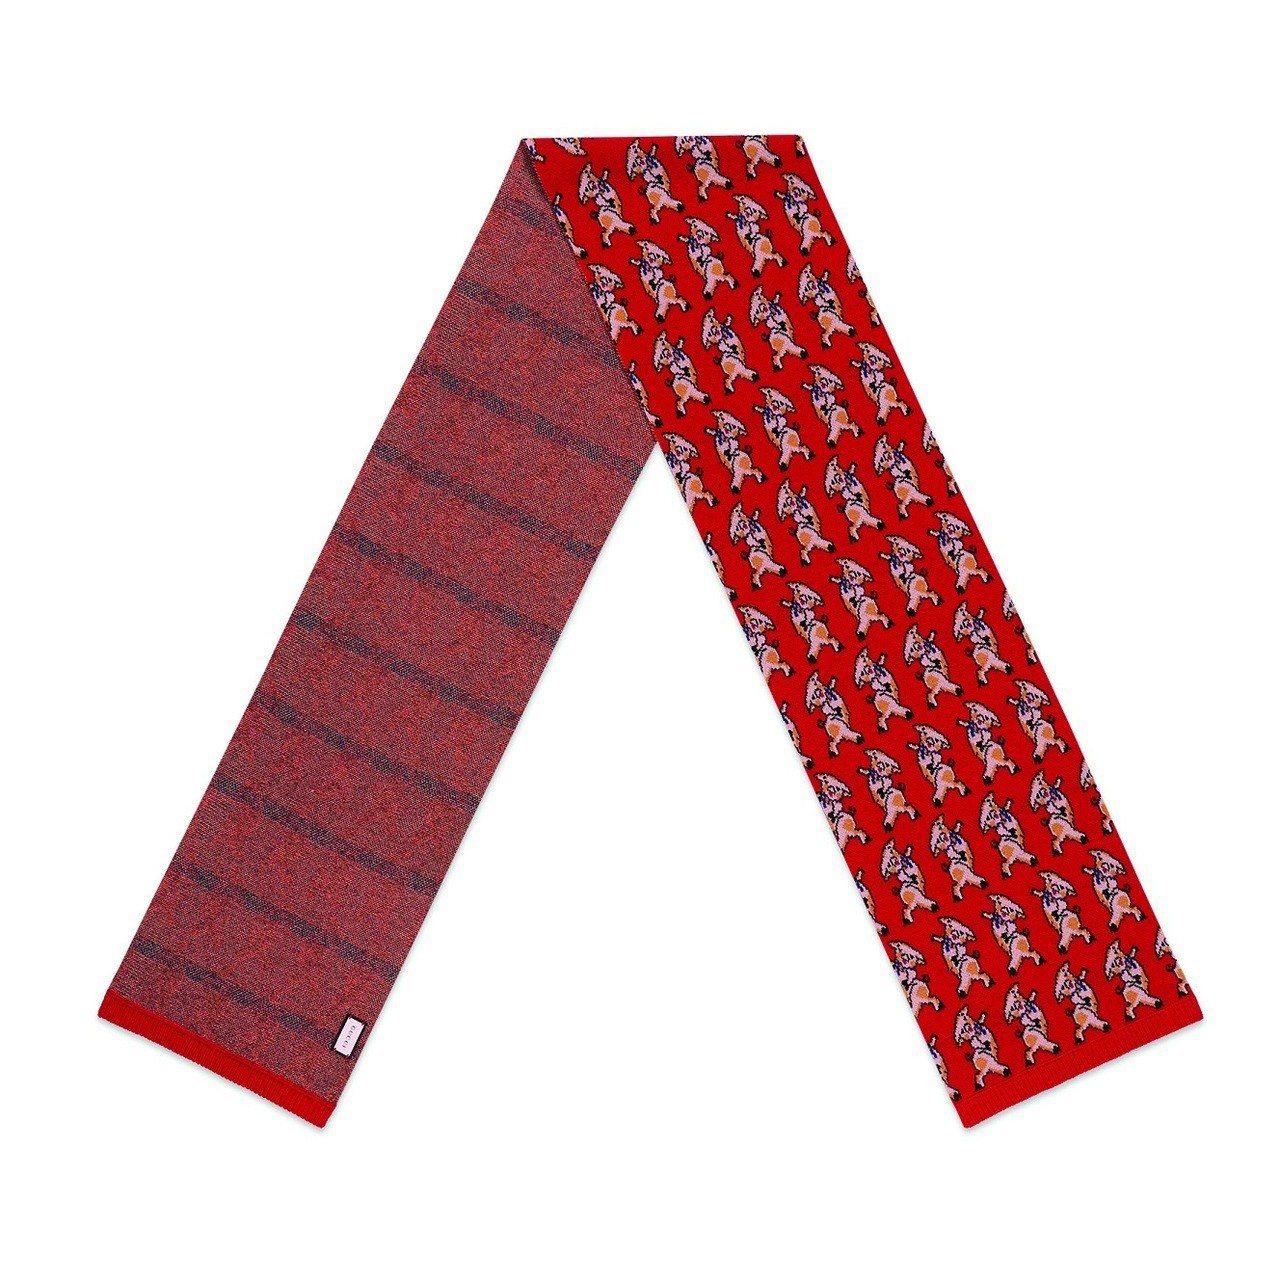 春節限定系列-小豬刺繡圍巾,18,500元。圖/Gucci提供